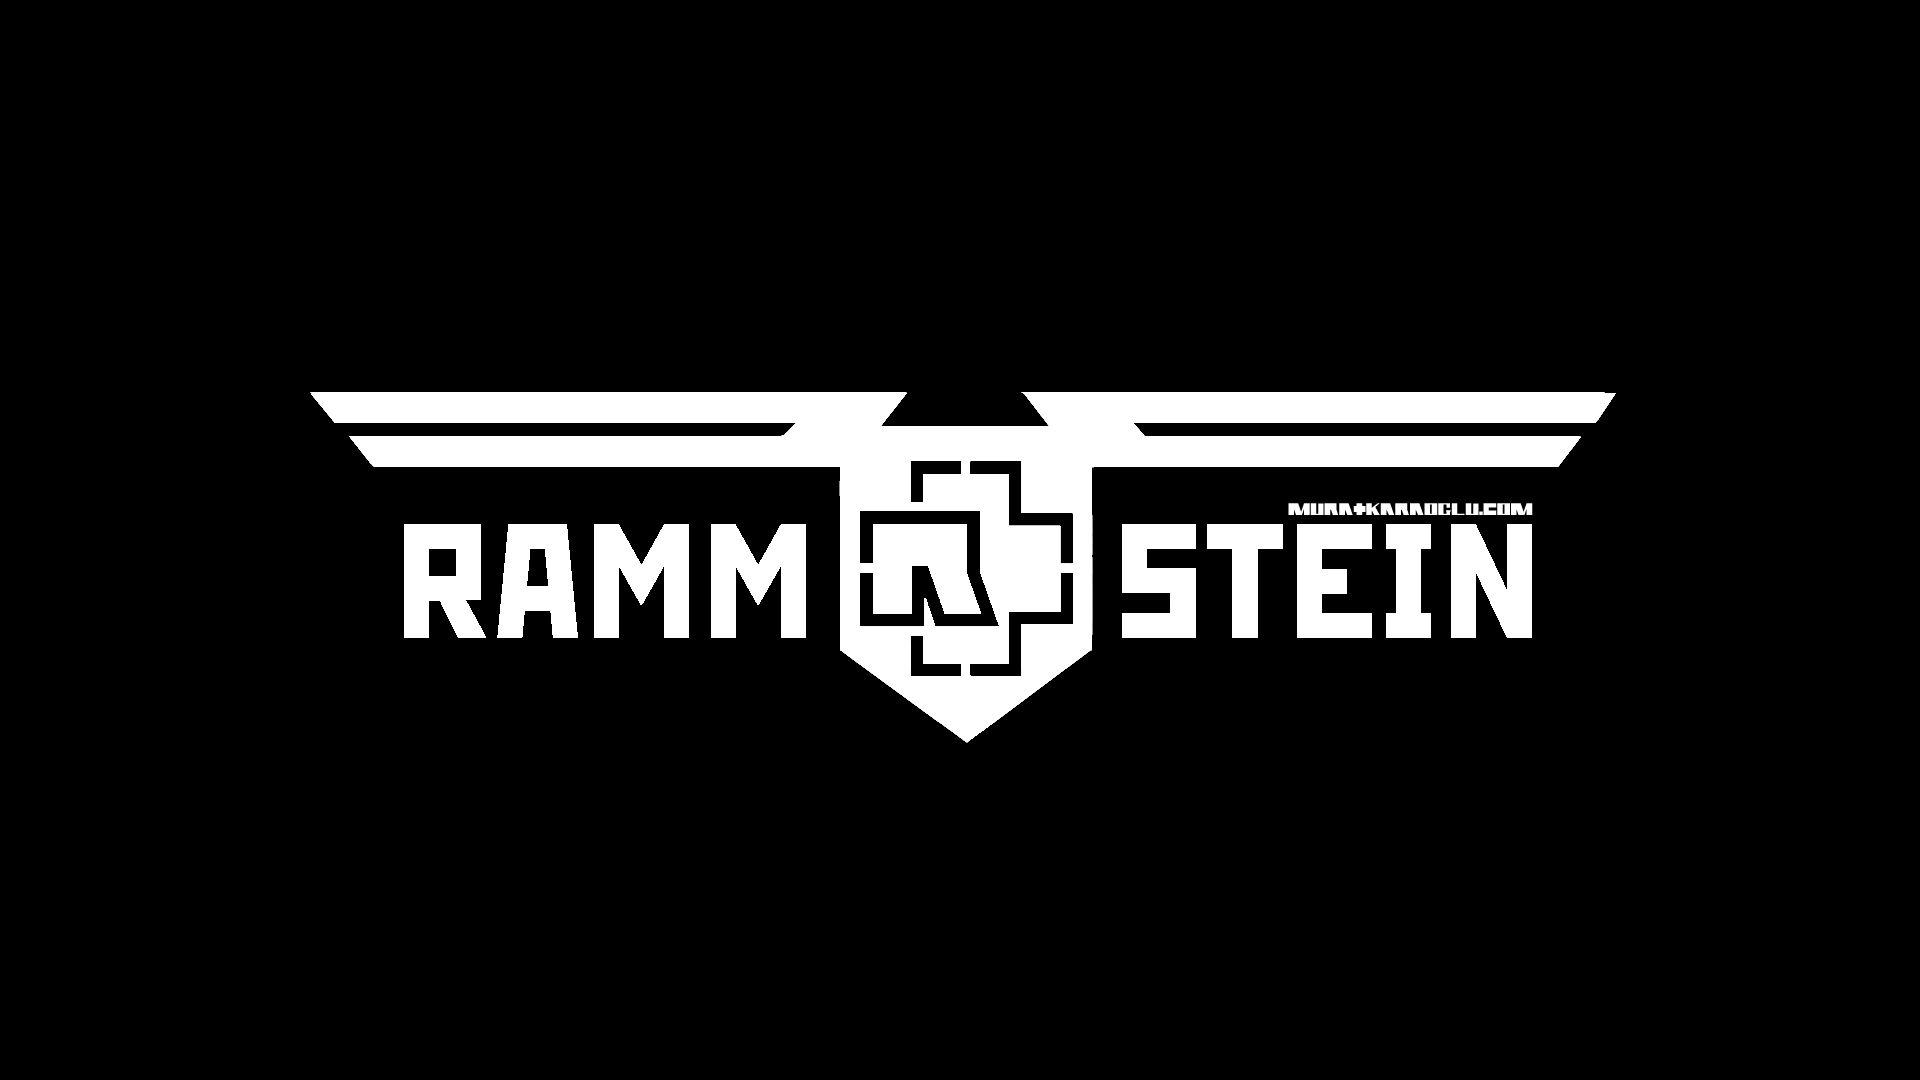 31 Rammstein Wallpapers Rammstein Backgrounds Rammstein Band Logos Logos